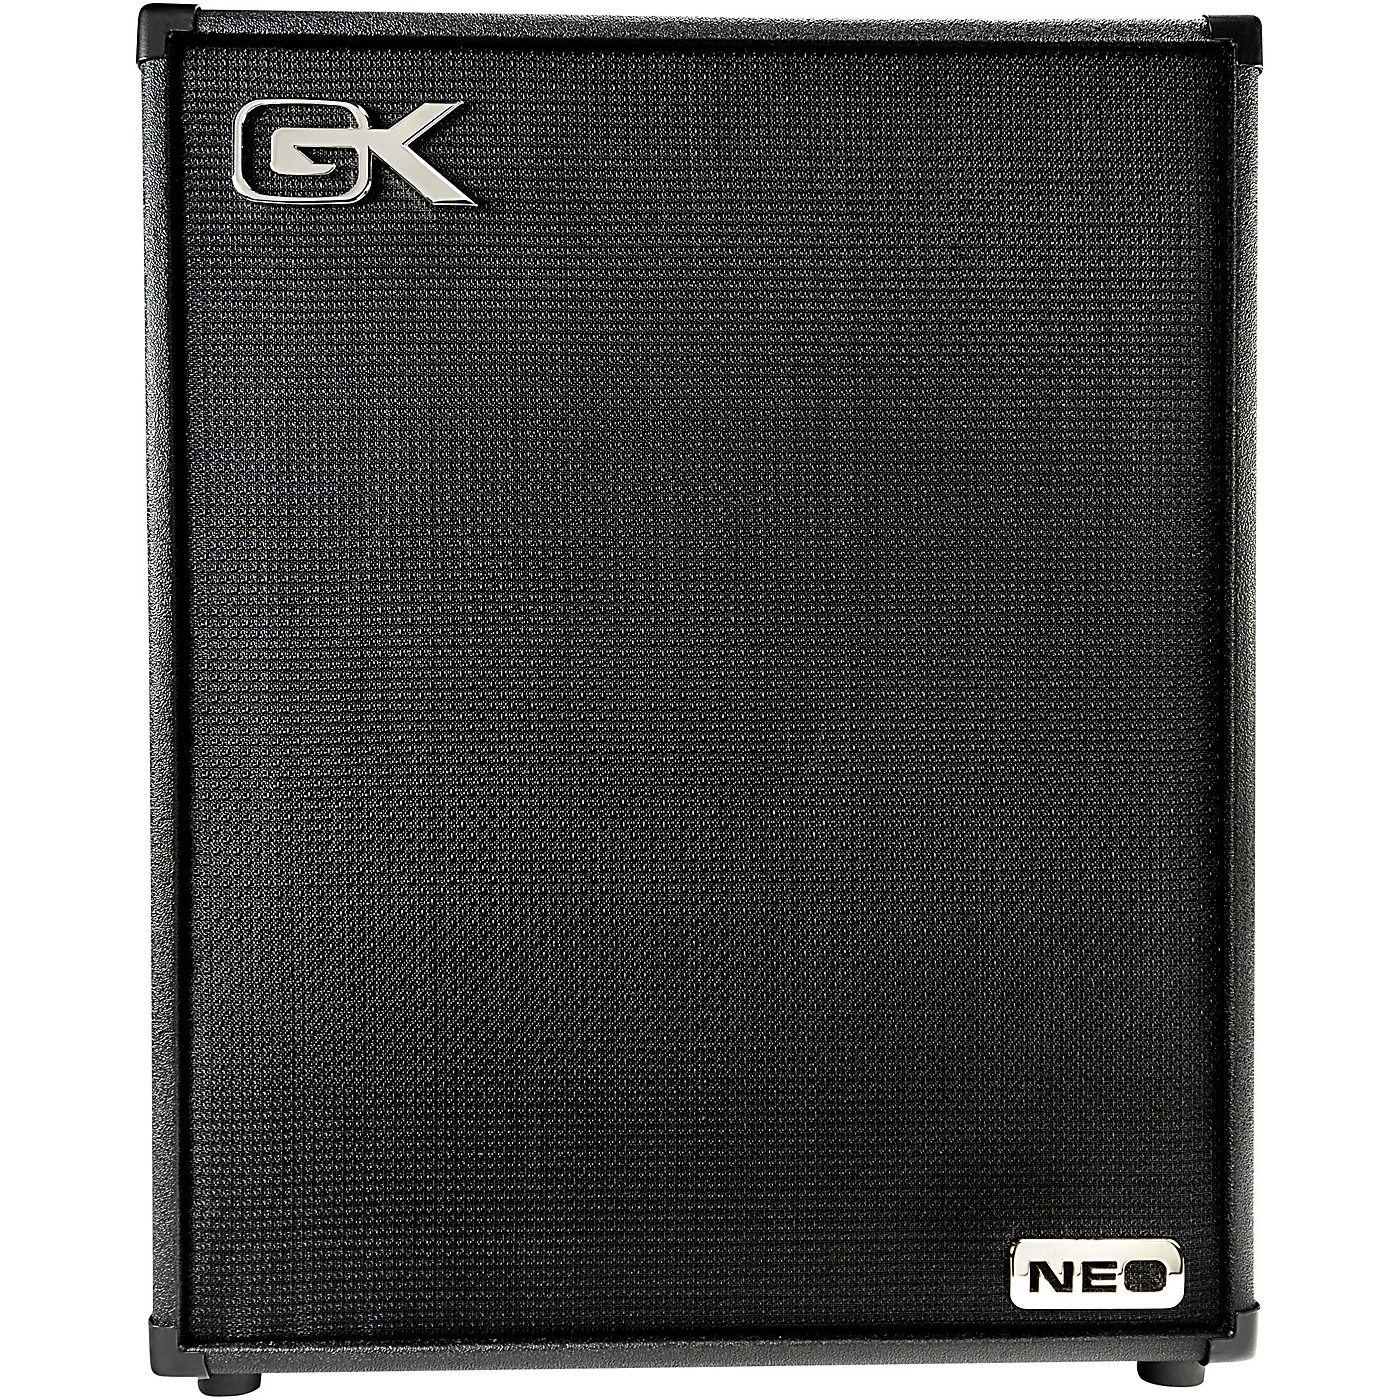 Gallien-Krueger Legacy 115 800W 1x15 Bass Combo Amp thumbnail